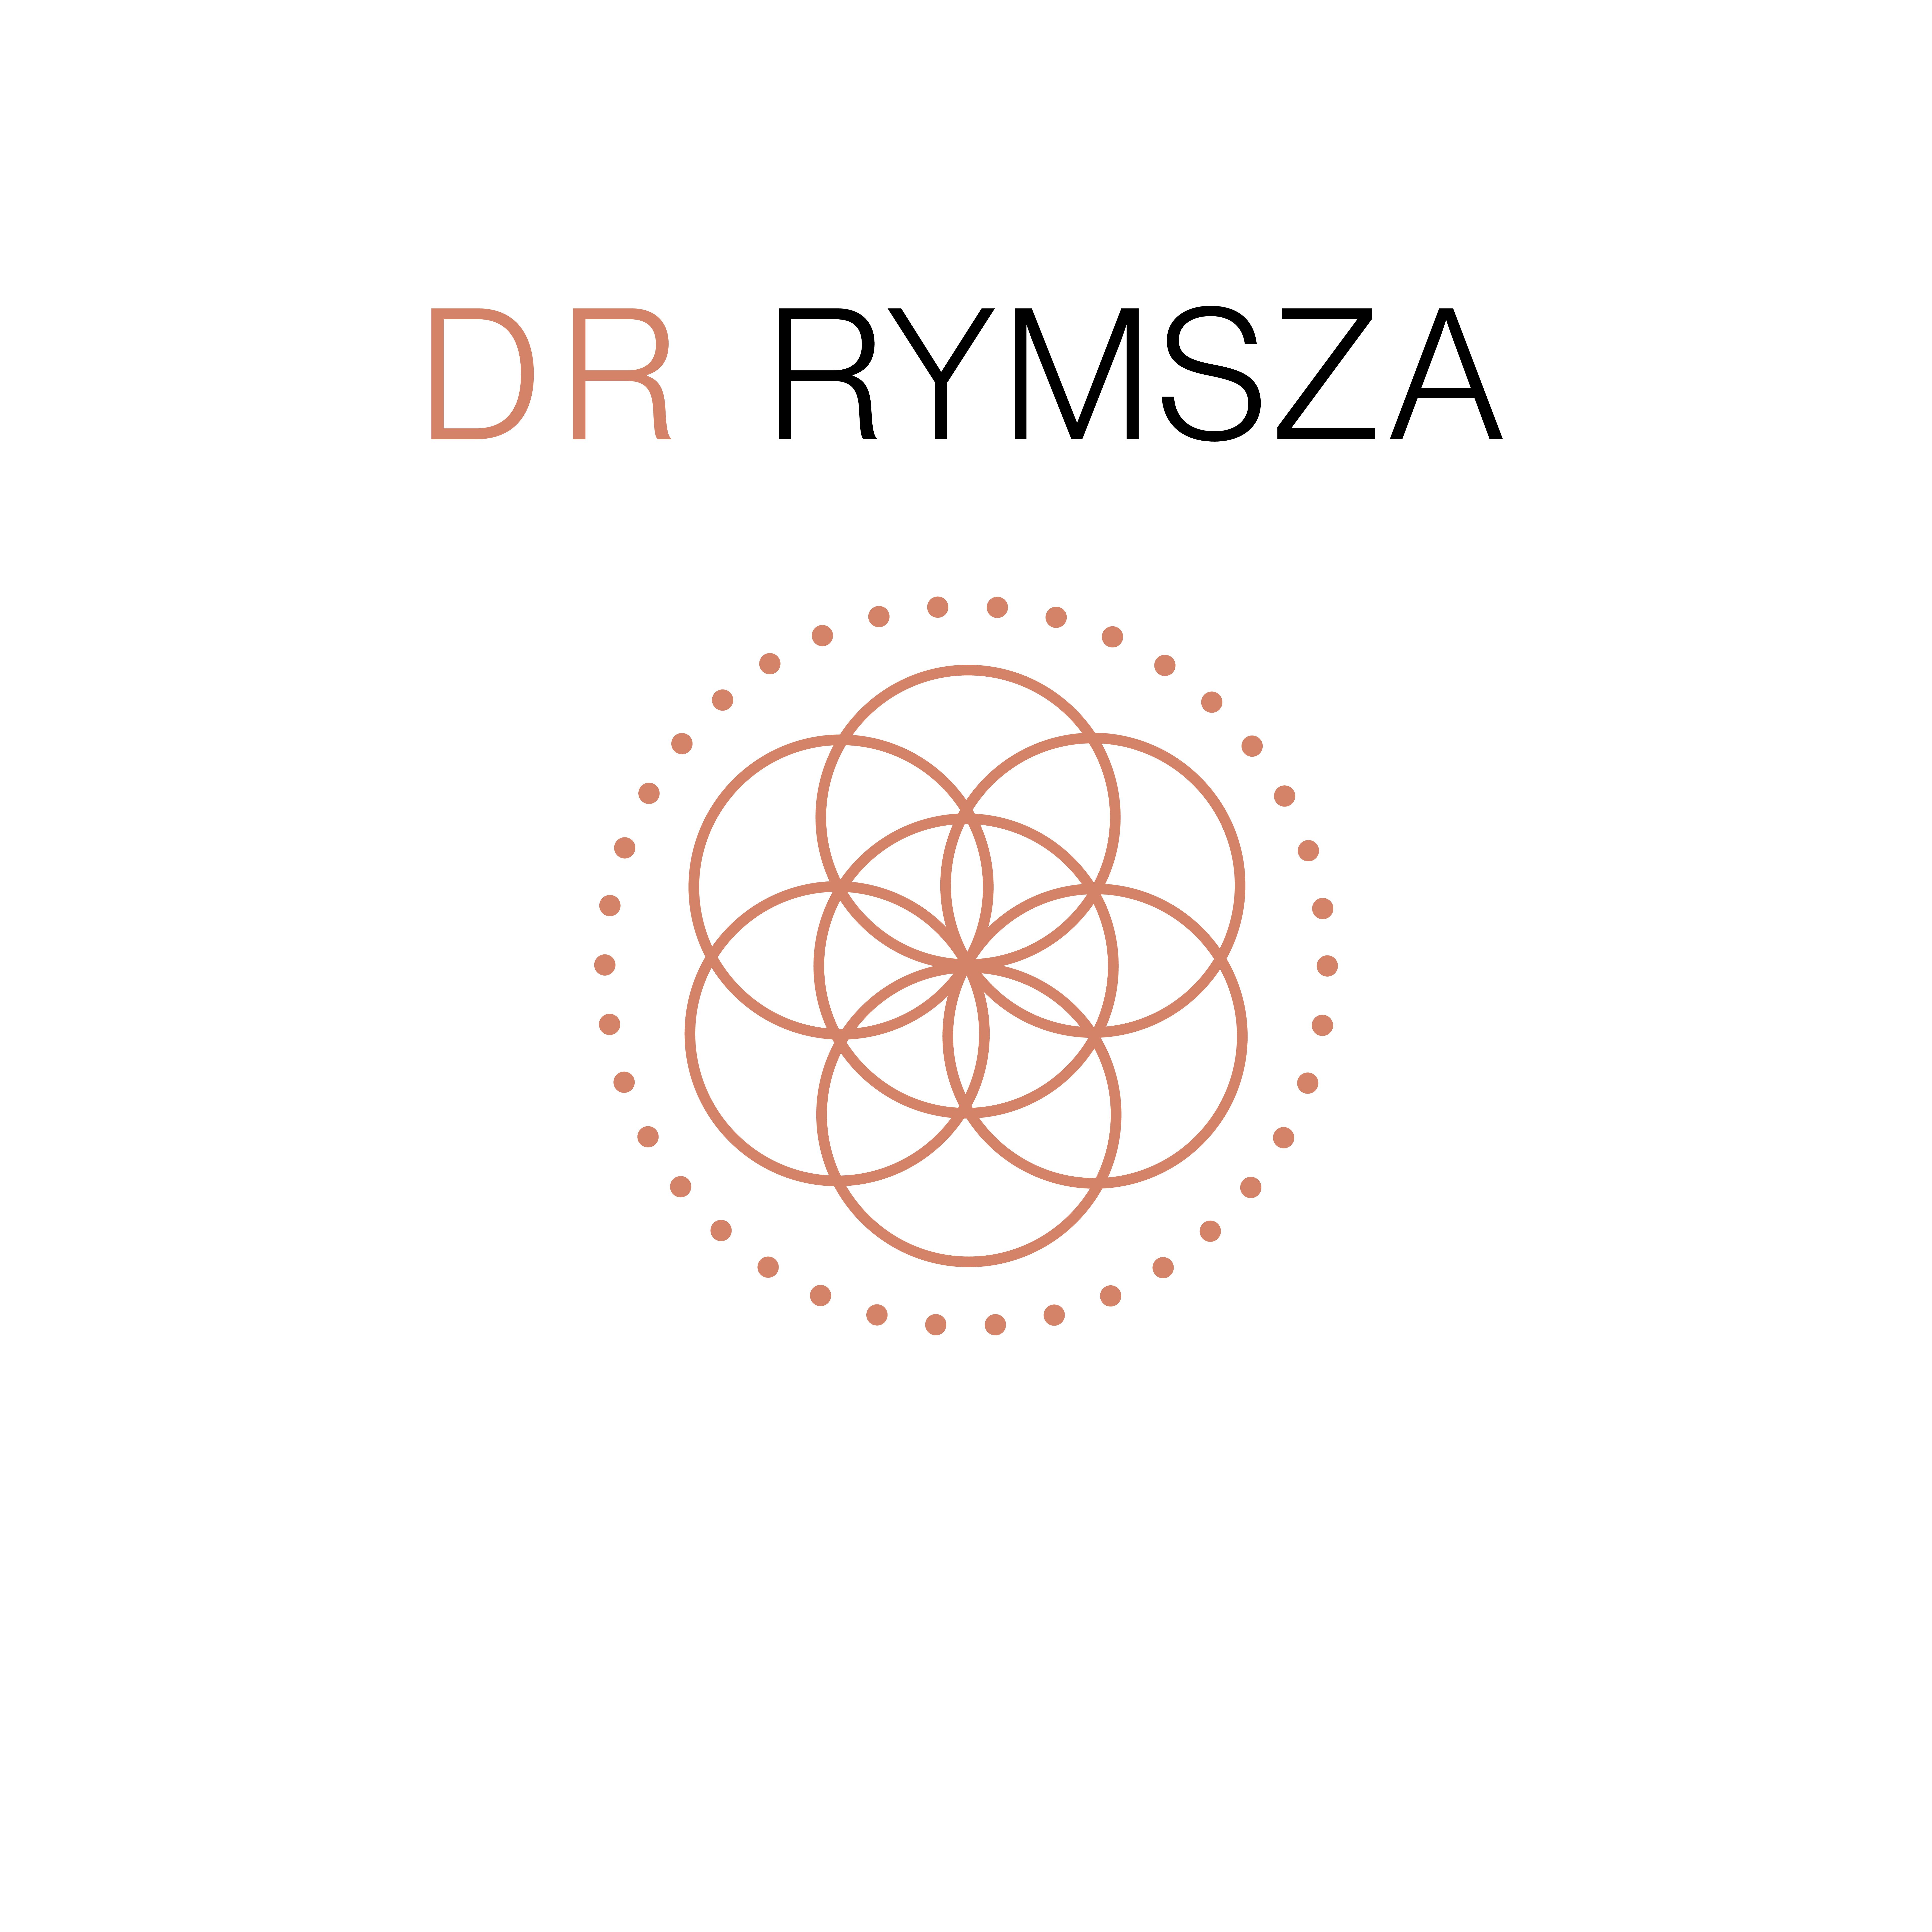 DR RYMSZA